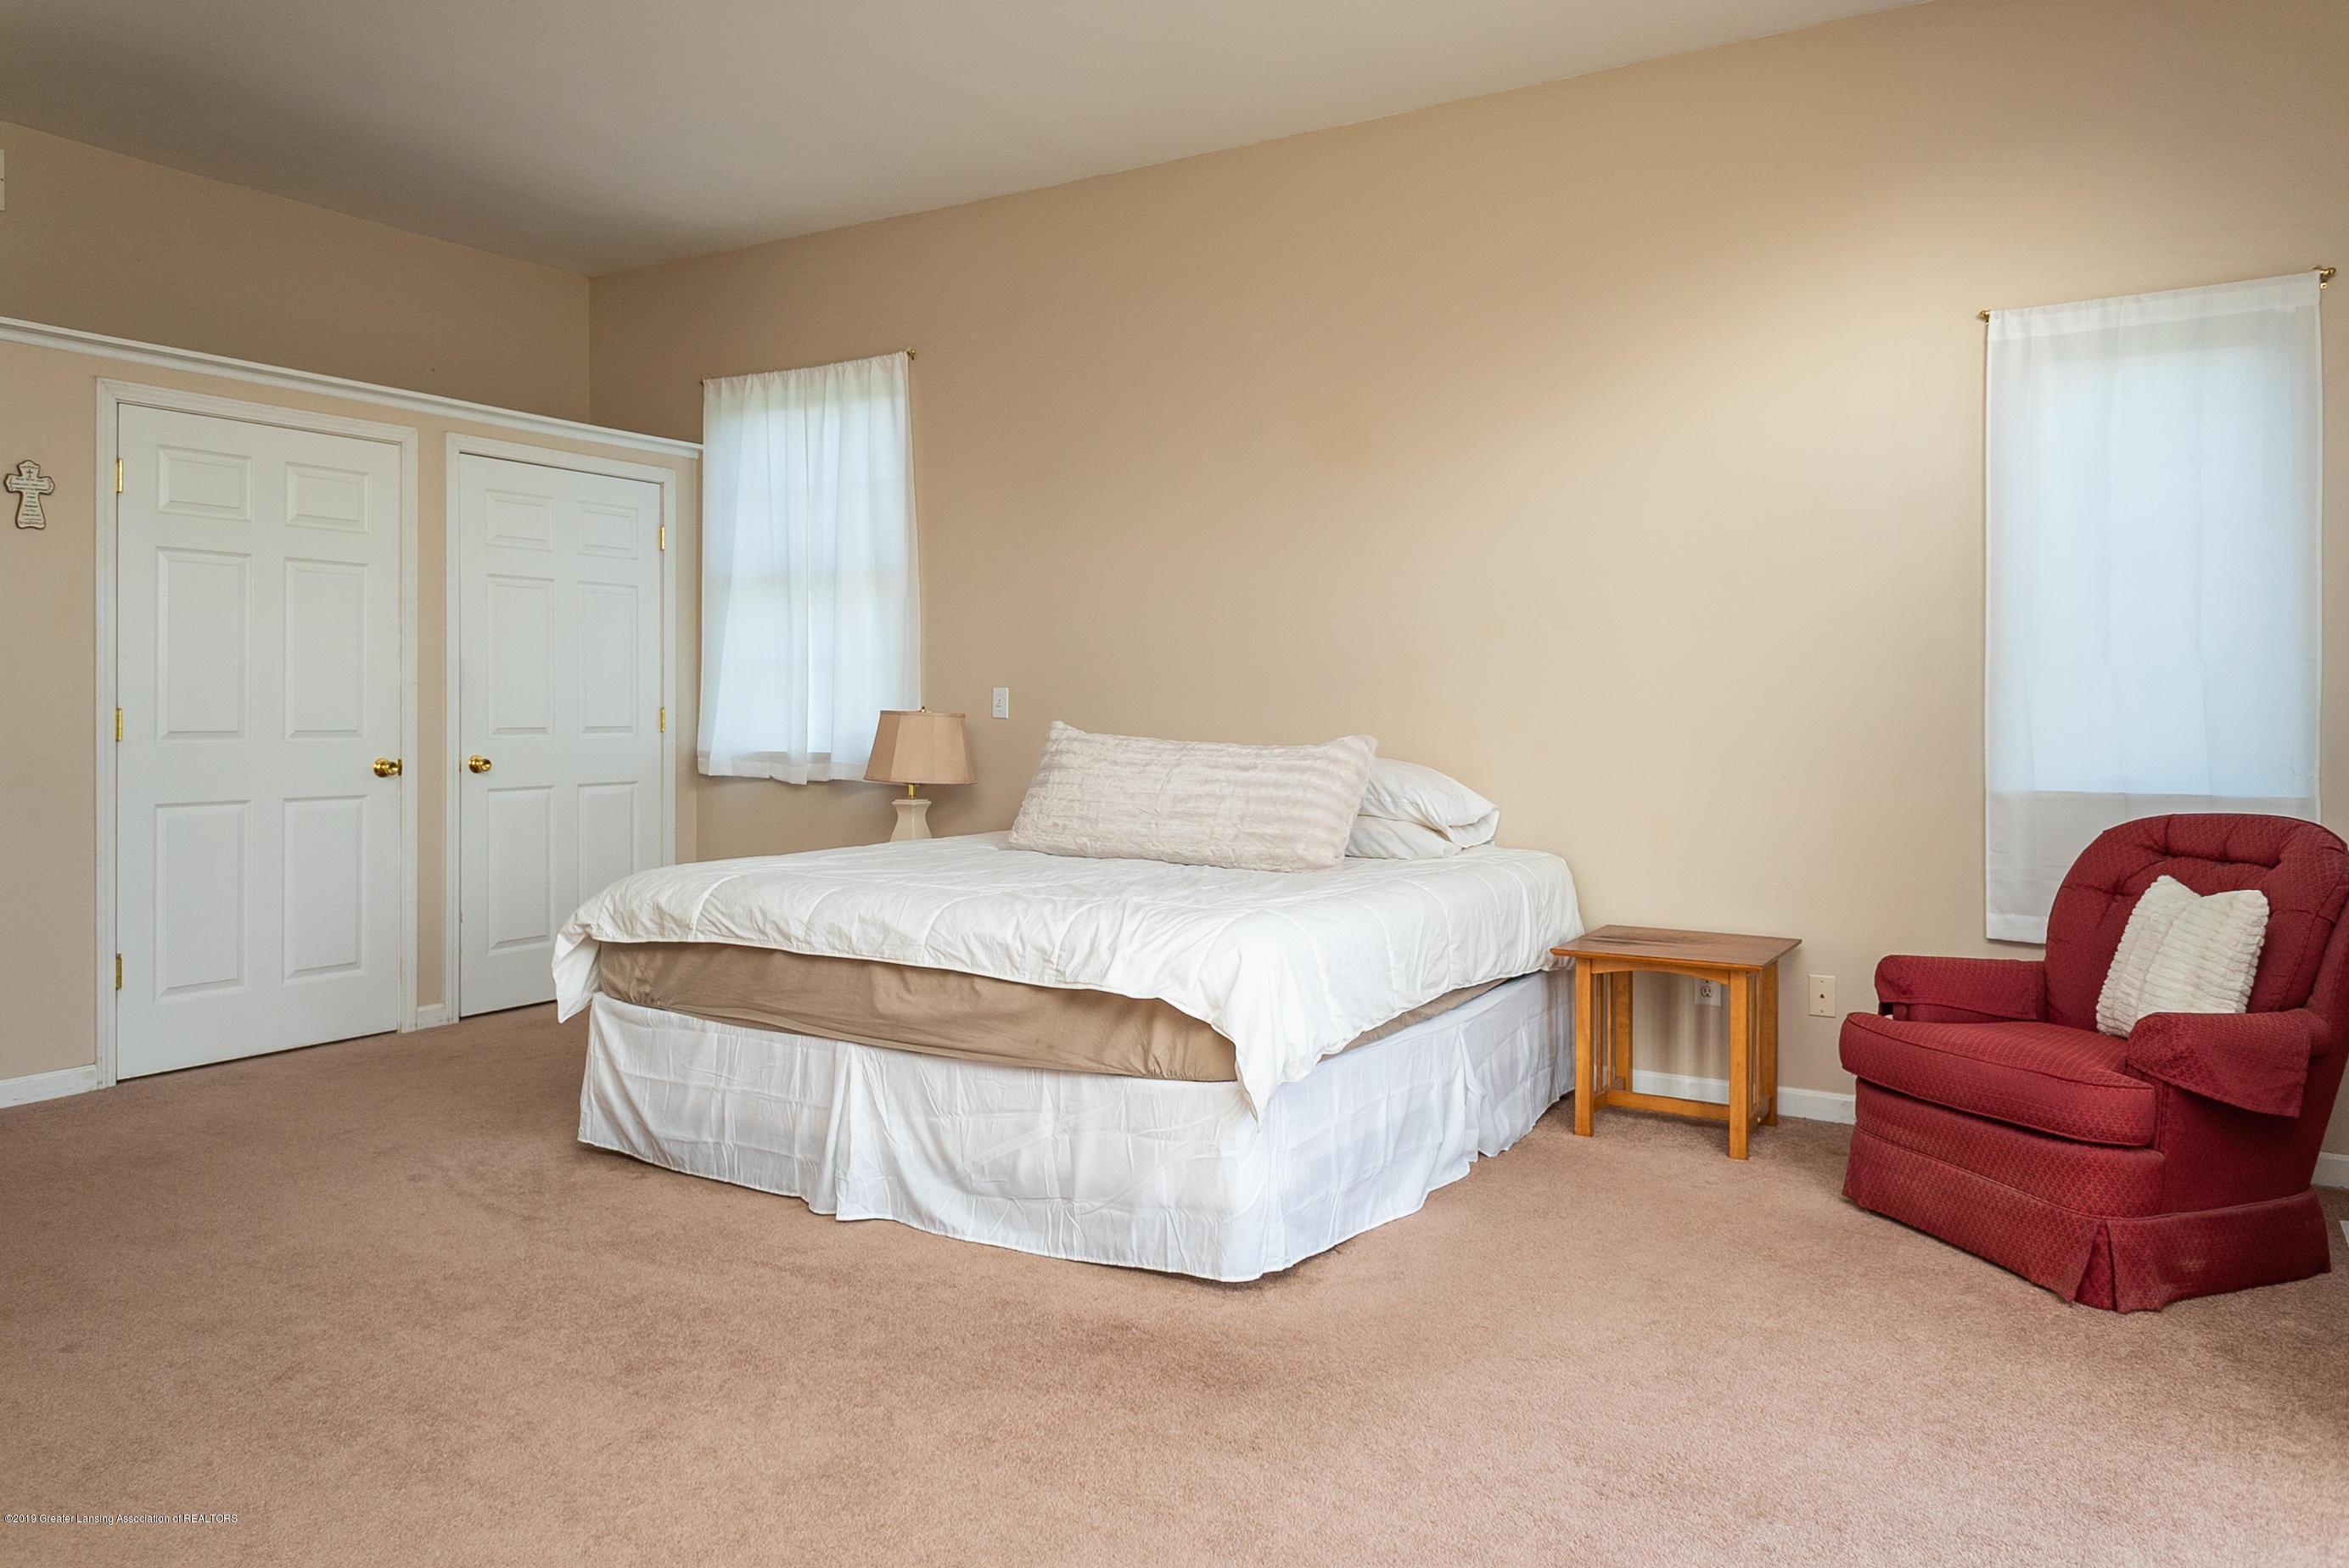 3220 Baseline Rd - Master Bedroom - 13